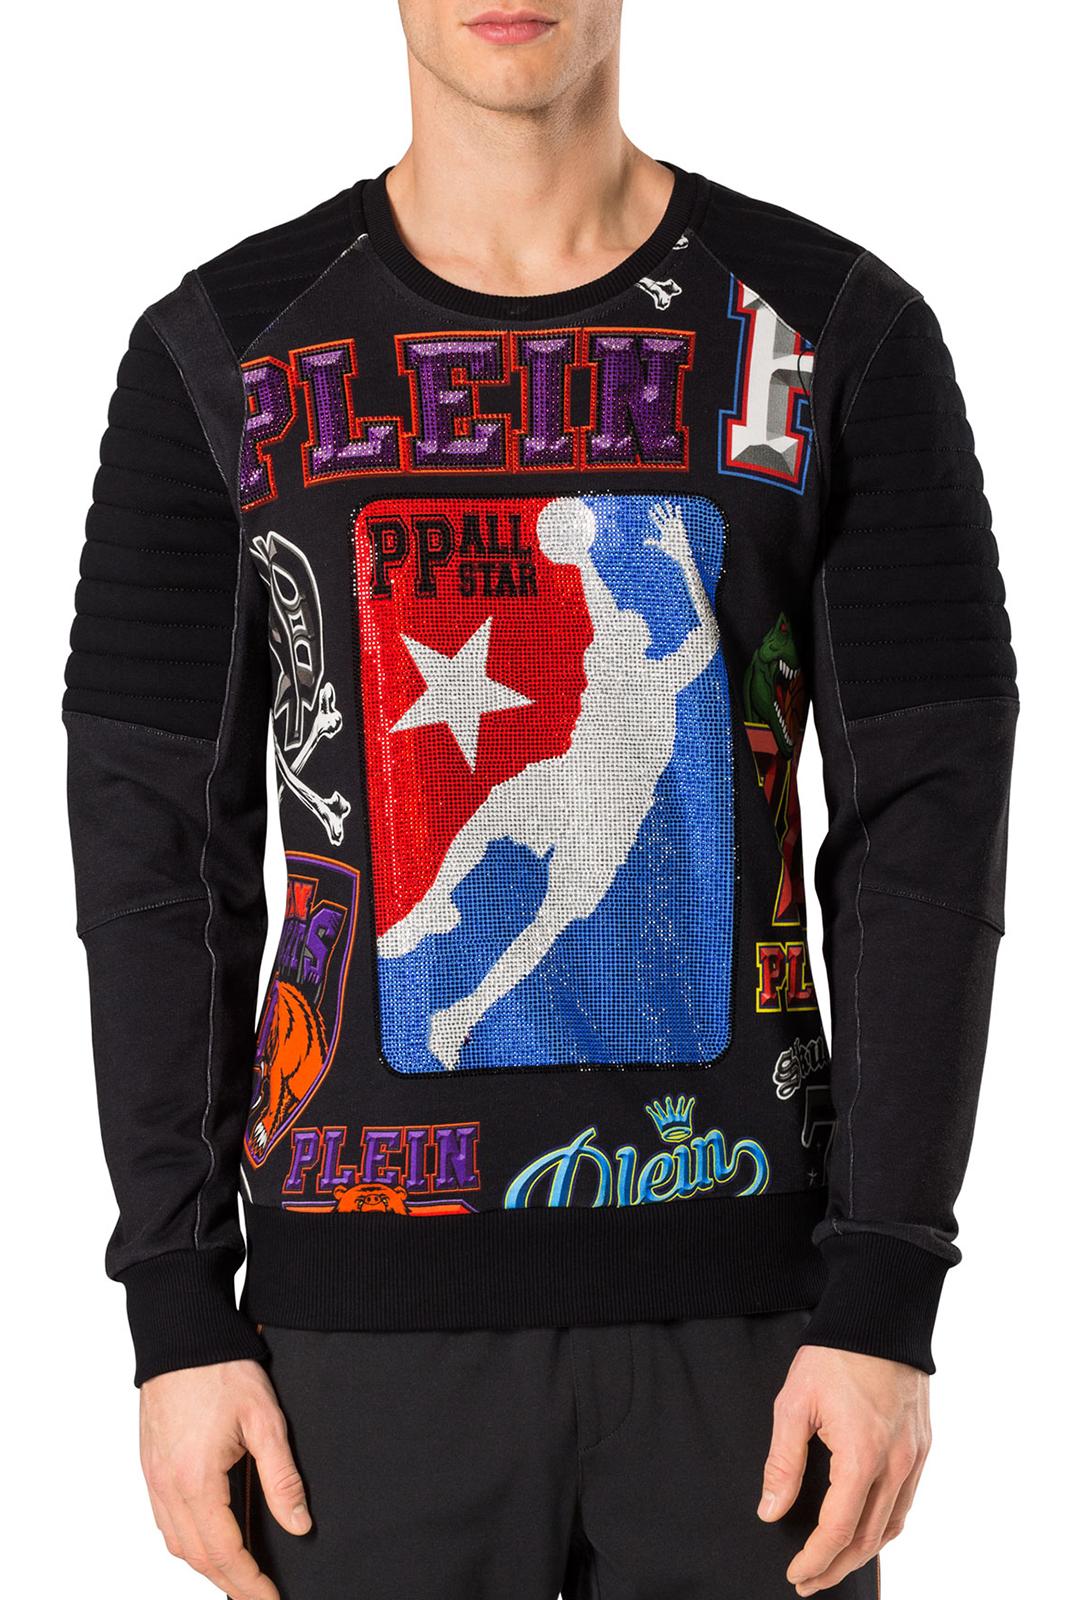 Sweatshirts  Philipp plein MJO0037 LINE 02 BLACK